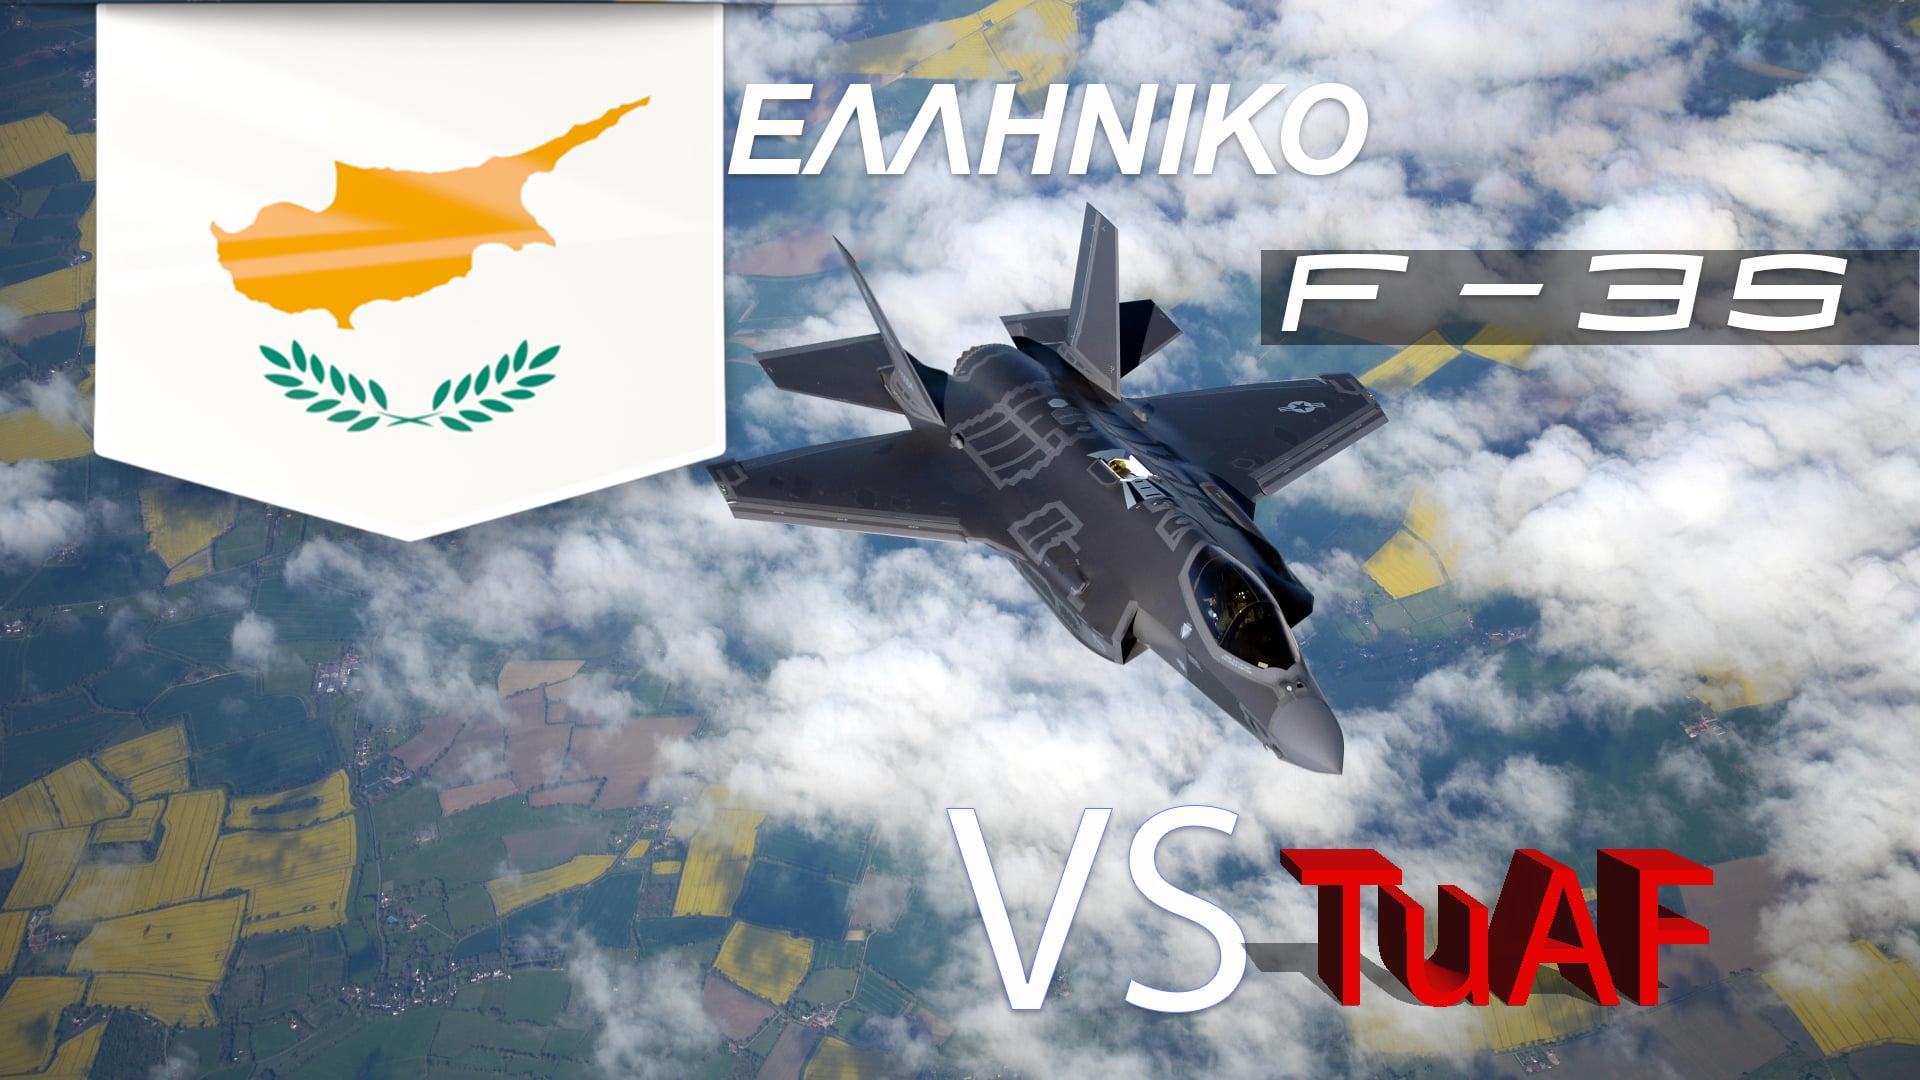 ΣΕΝΑΡΙΟ: Η ΚΥΠΡΟΣ ΕΙΝΑΙ ΚΟΝΤΑ – F35 ΕΛΛΗΝΙΚΑ ΕΝΑΝΤΙΟΝ ΤΟΥΡΚΙΚΩΝ F16